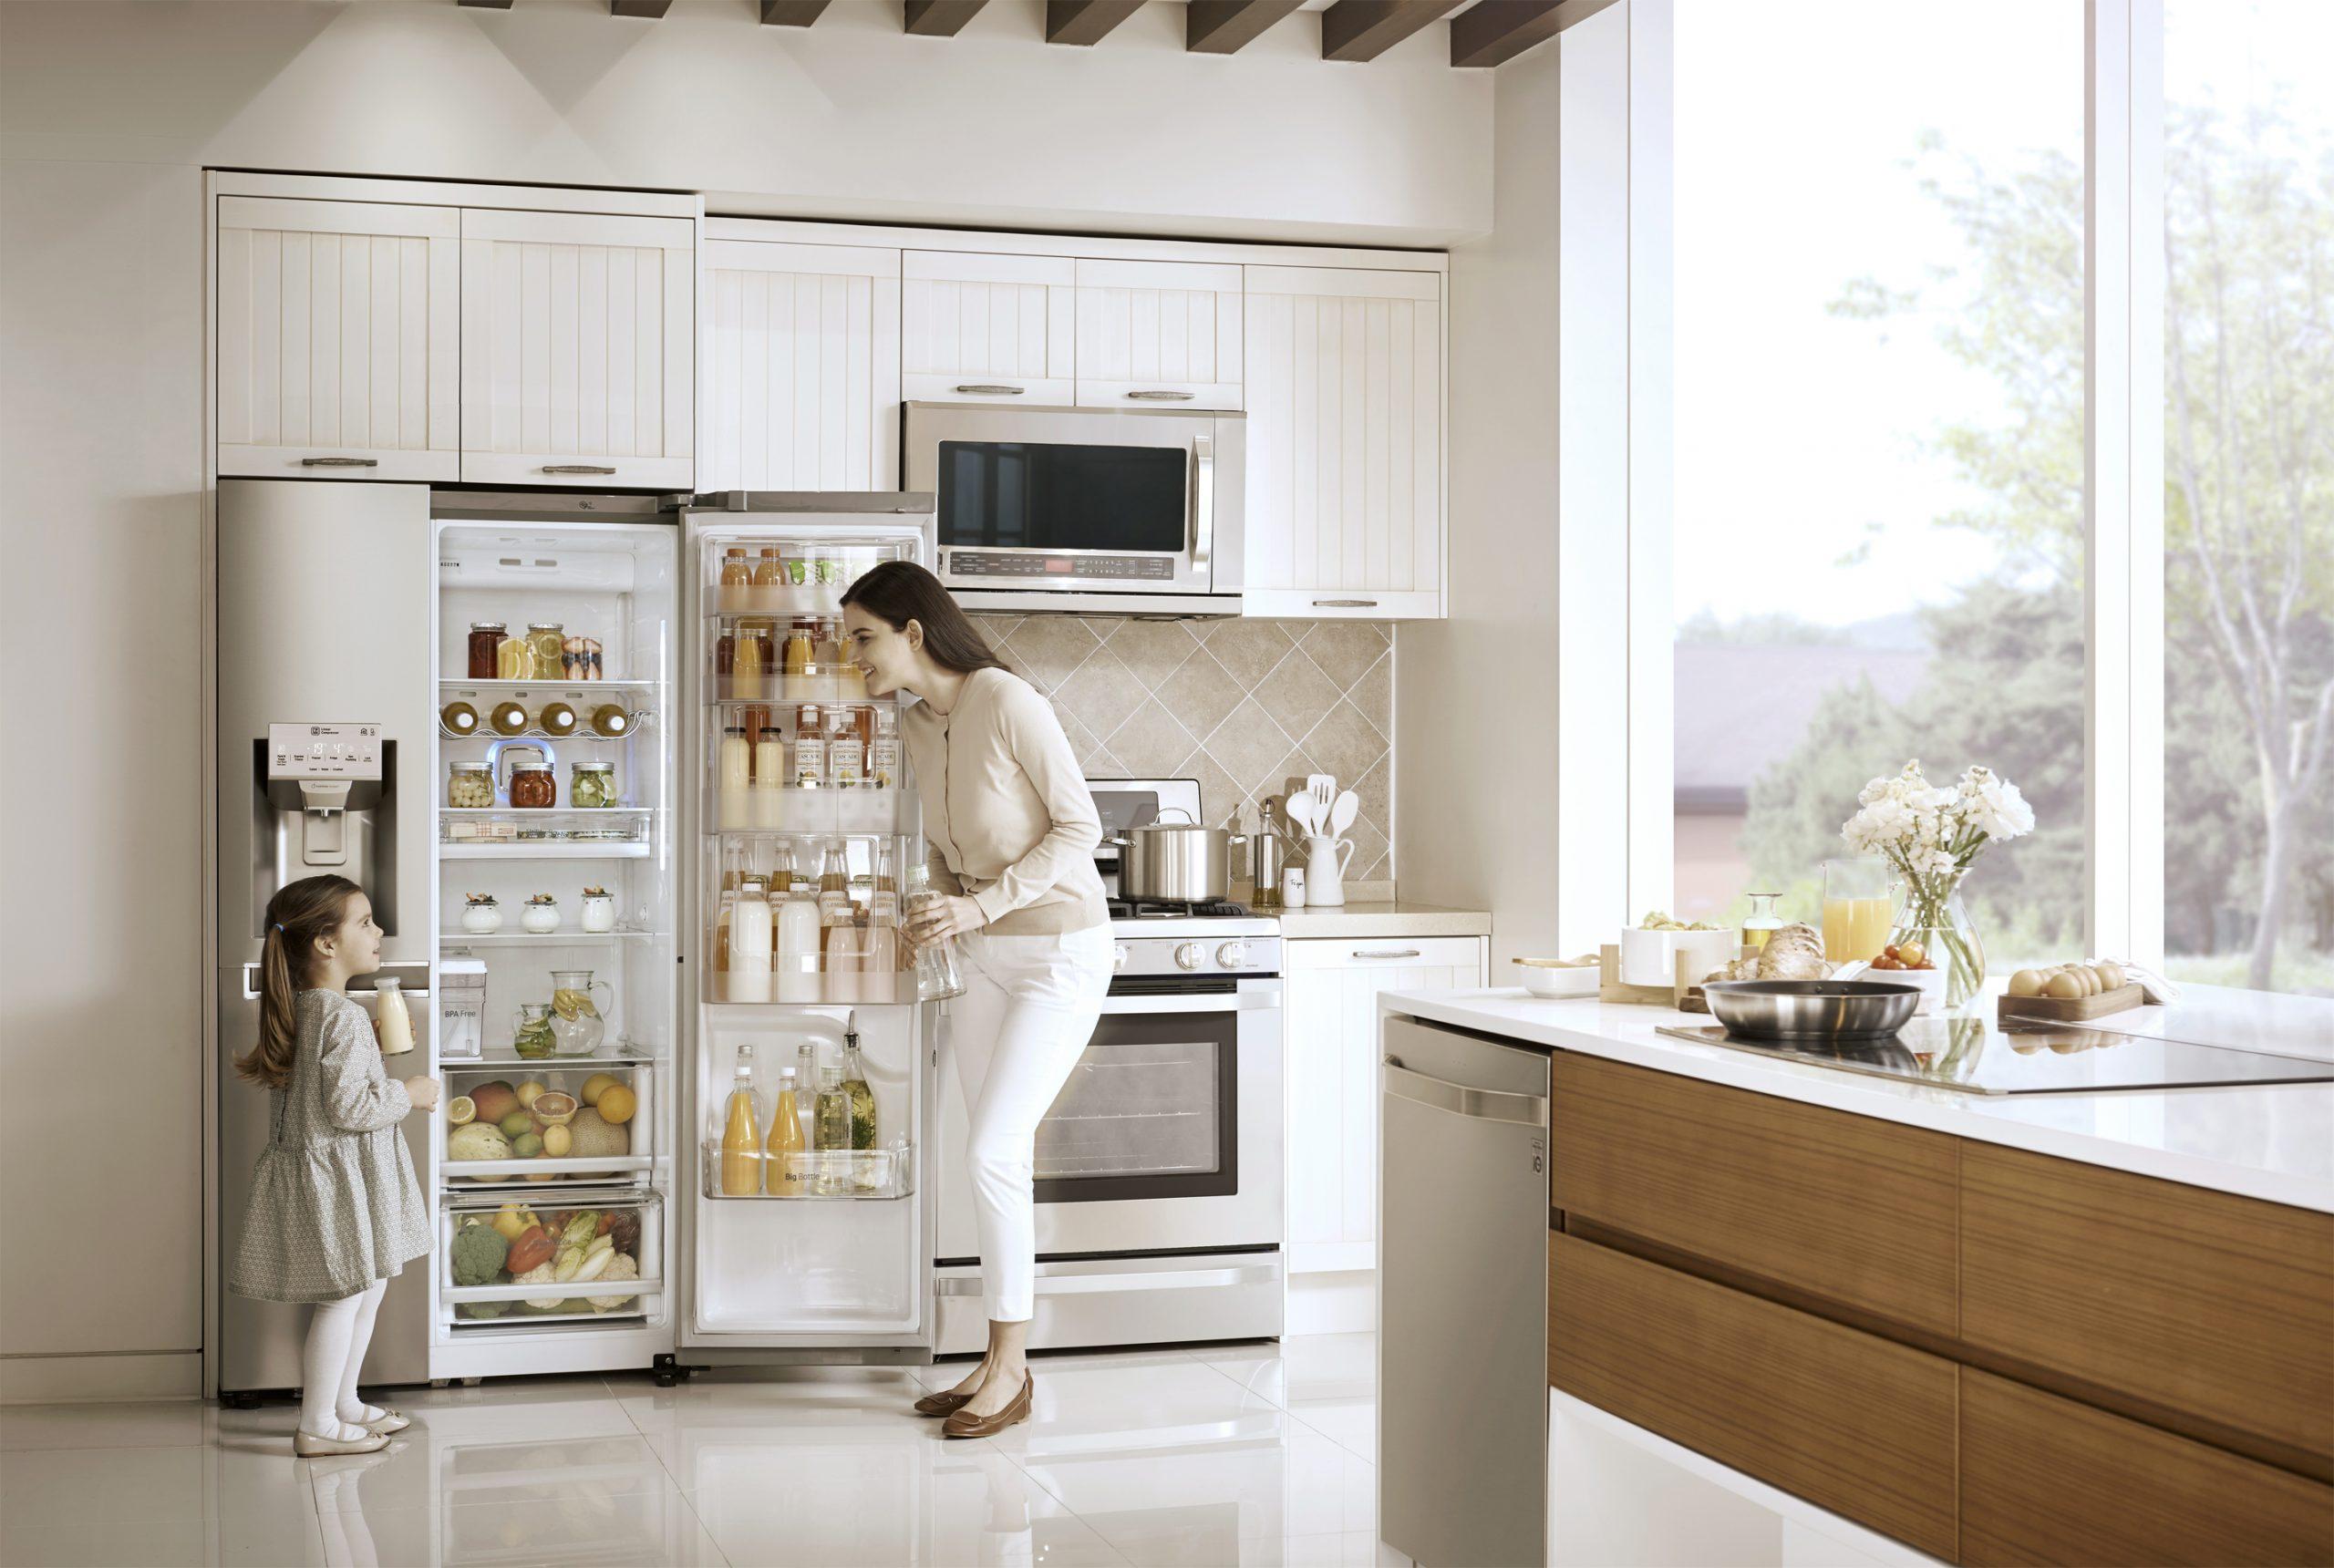 LG refrigeration